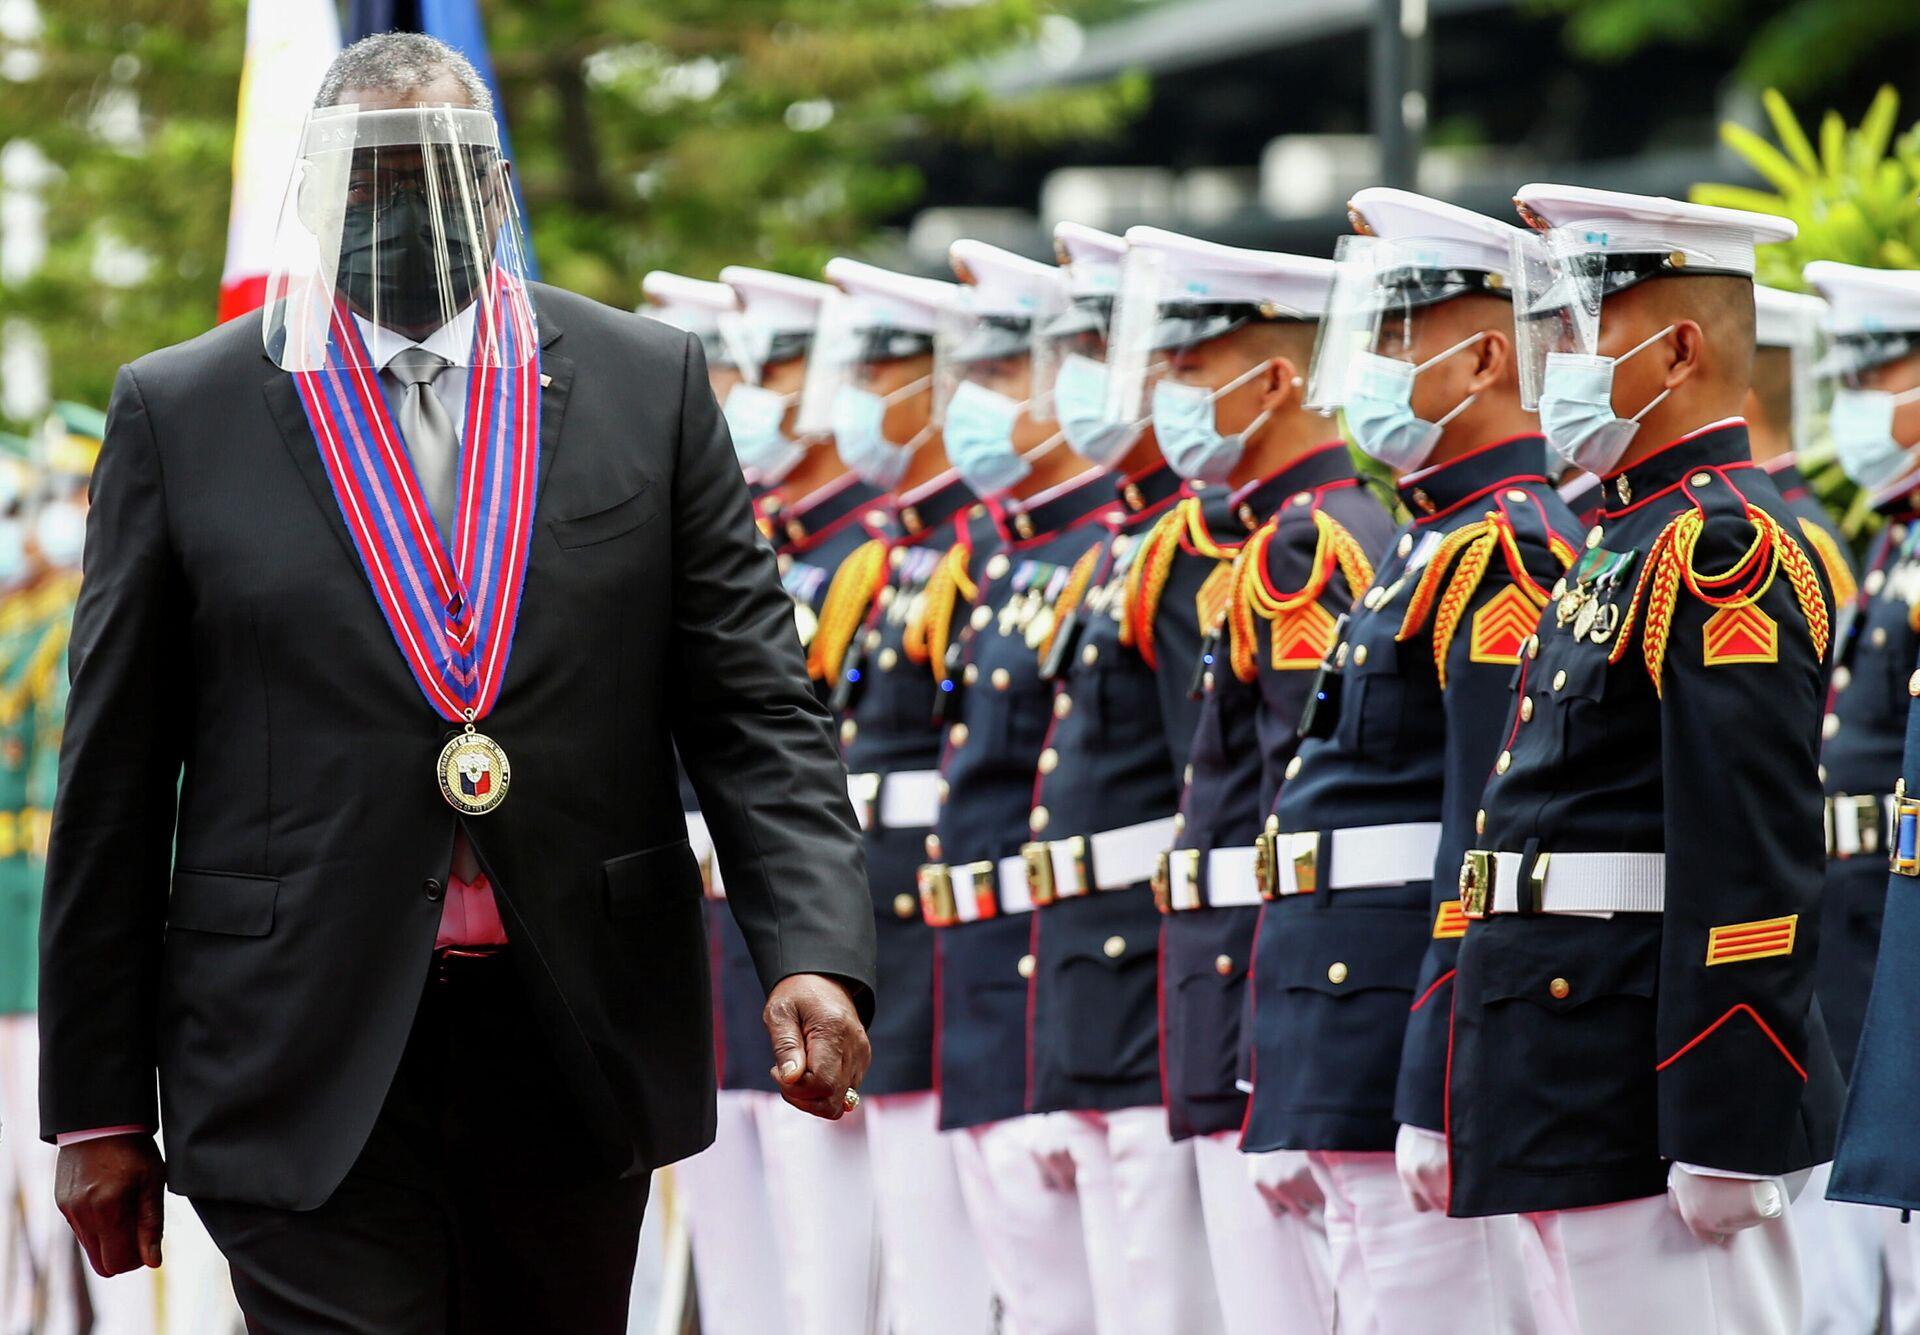 Министр обороны США Ллойд Остин проходит мимо почетного караула по прибытии в военный лагерь Camp Aguinaldo в Кесон-Сити на Филиппинах - РИА Новости, 1920, 30.07.2021